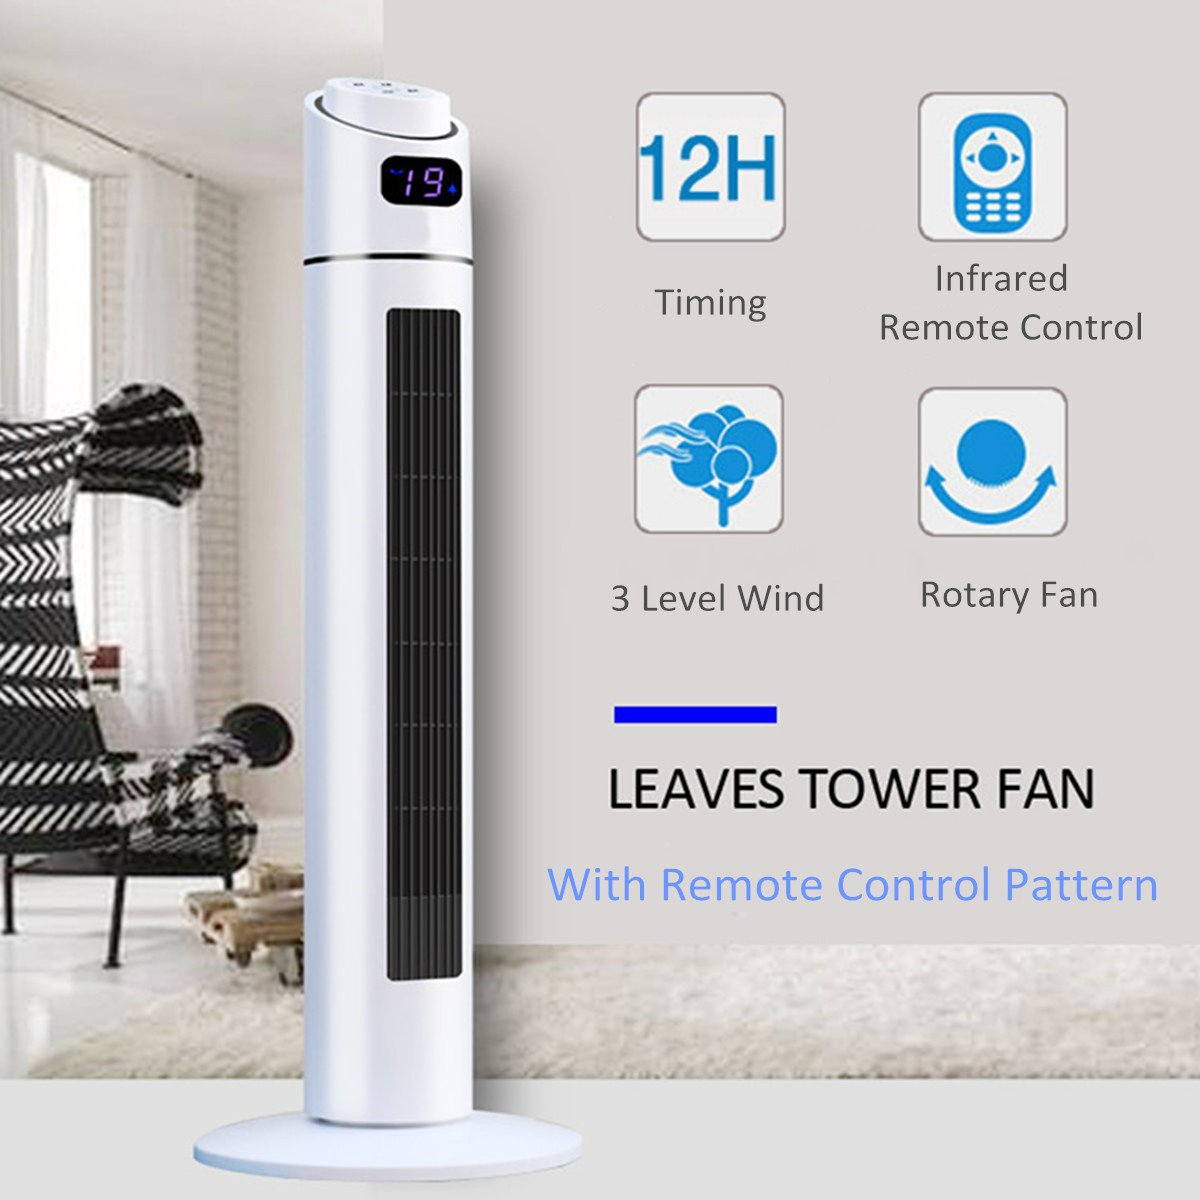 Refroidisseur d'air Portable ABS étage muet ventilateur sans lame refroidisseur d'air maison refroidissement climatiseur humidificateur été télécommande ventilateur 220 V